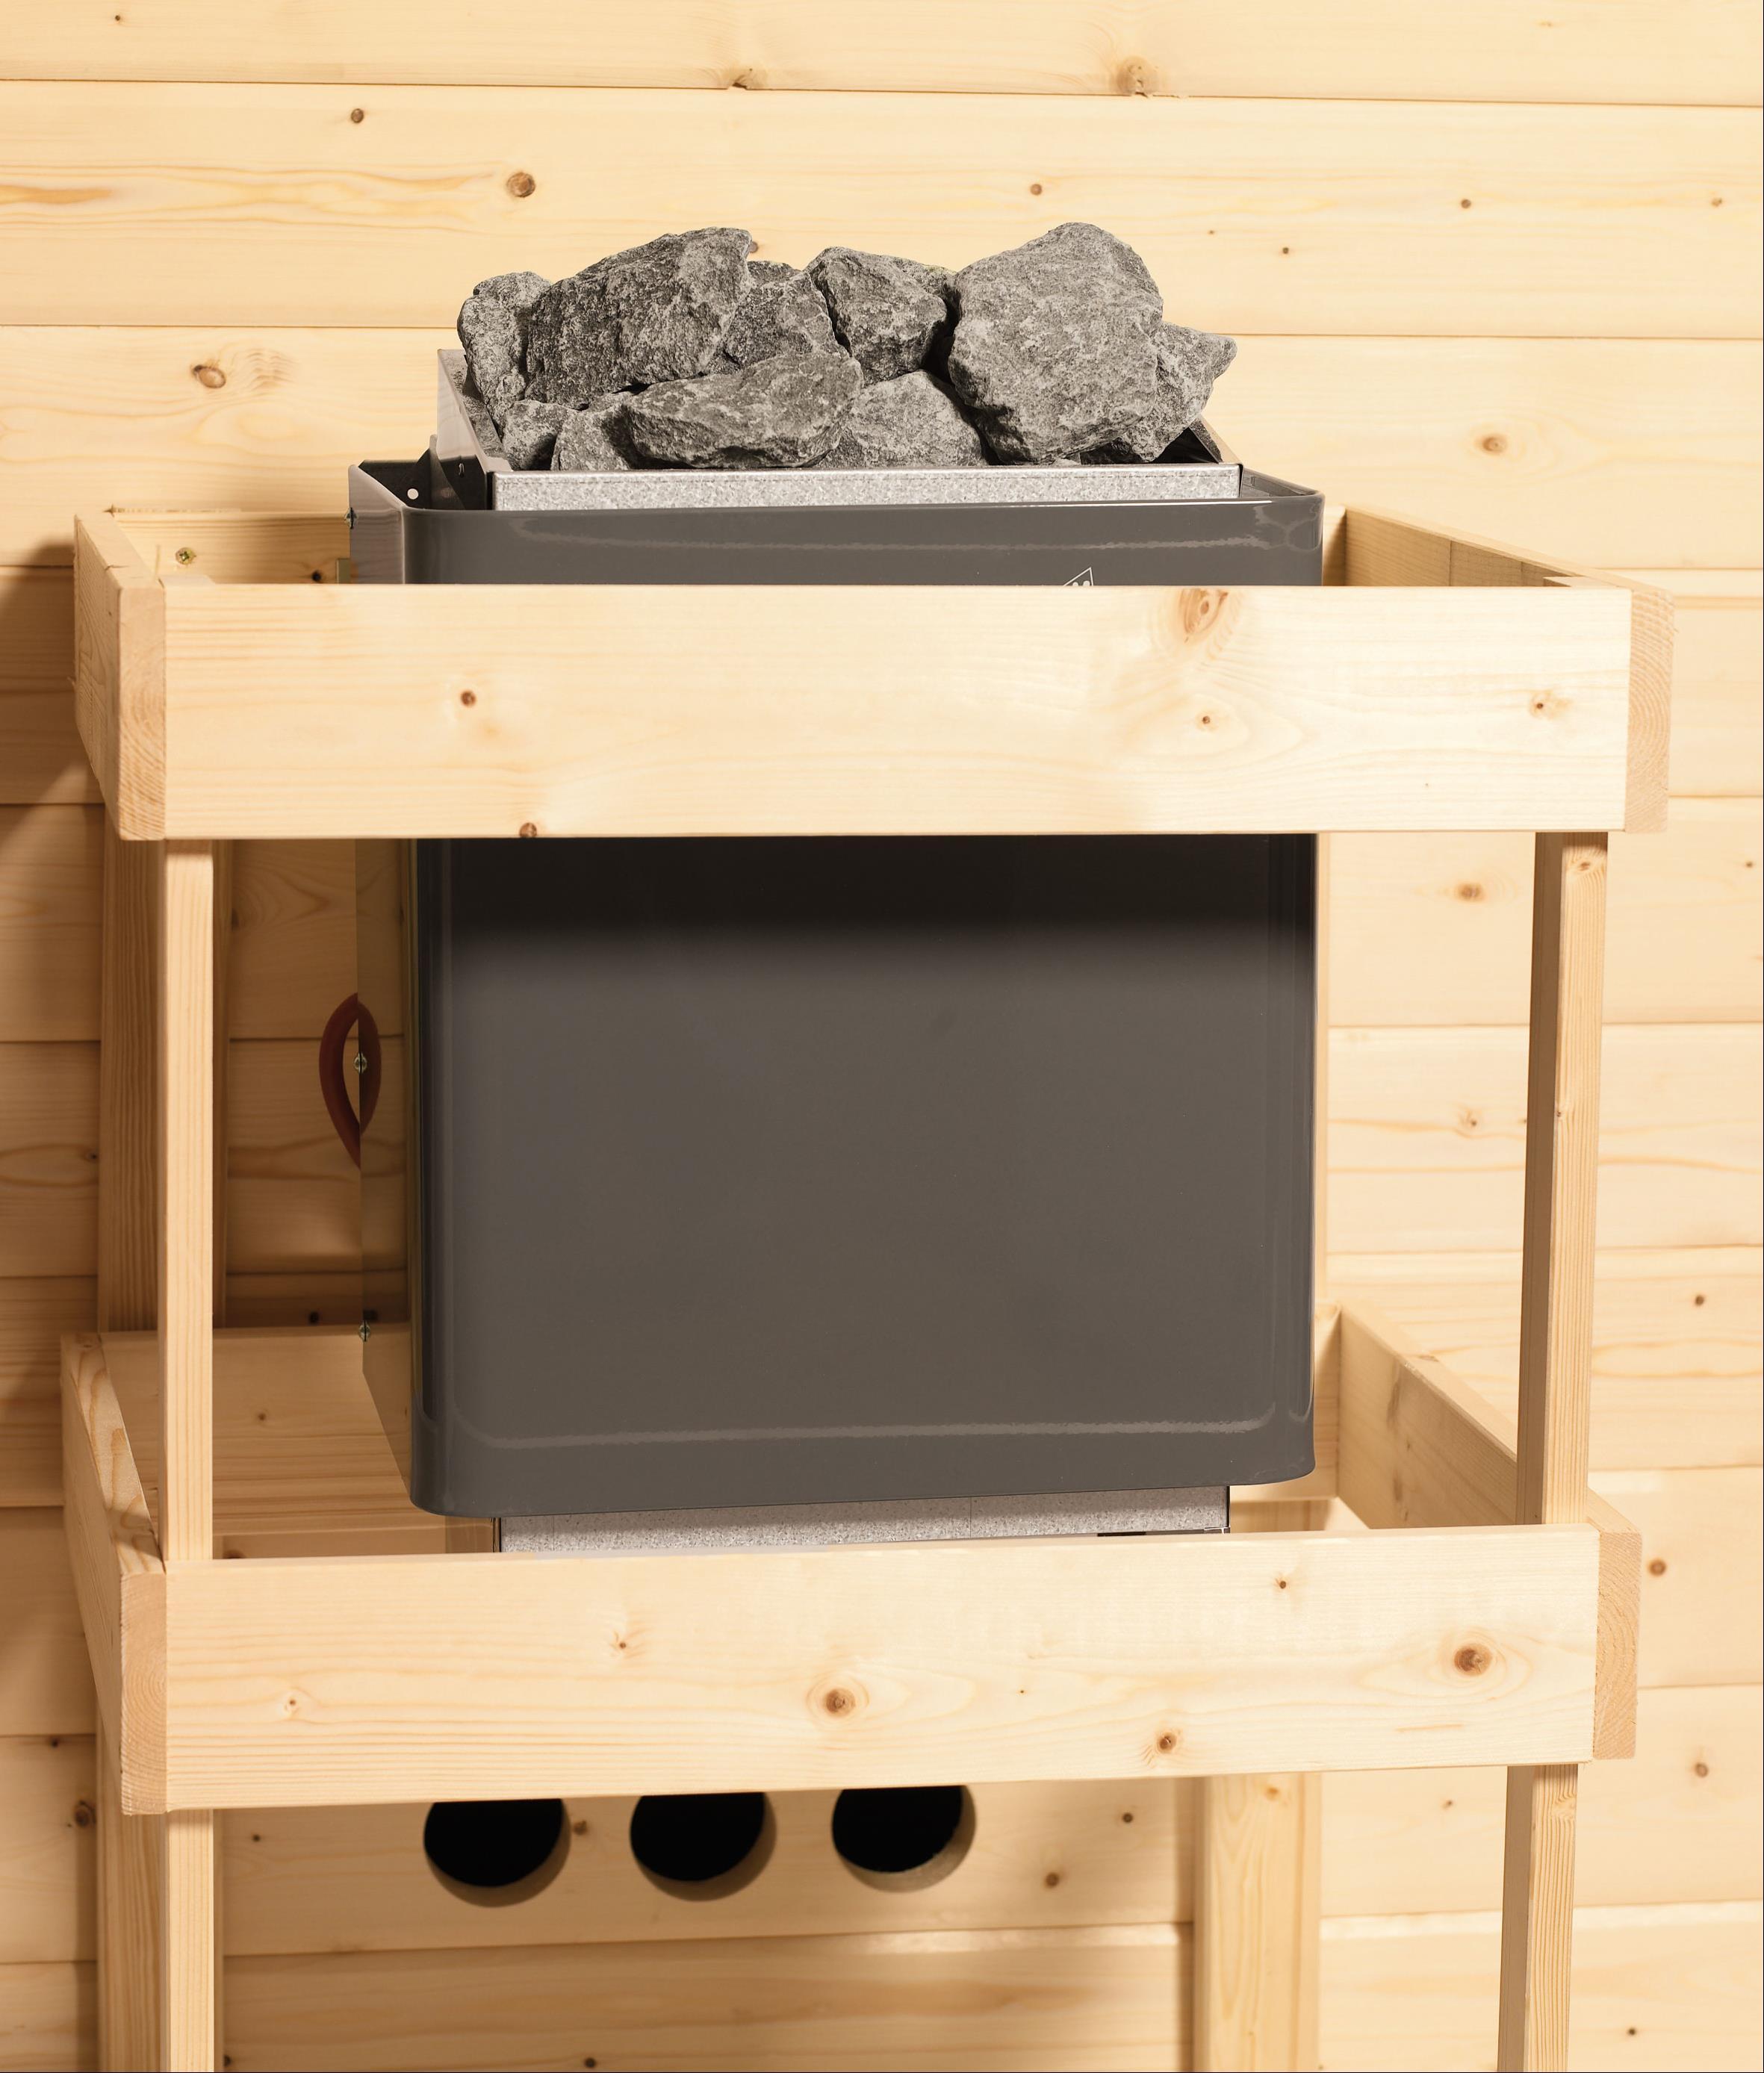 Gartensauna Karibu Saunahaus Norge 38mm Ofen 9kW Bio Tür modern Bild 9